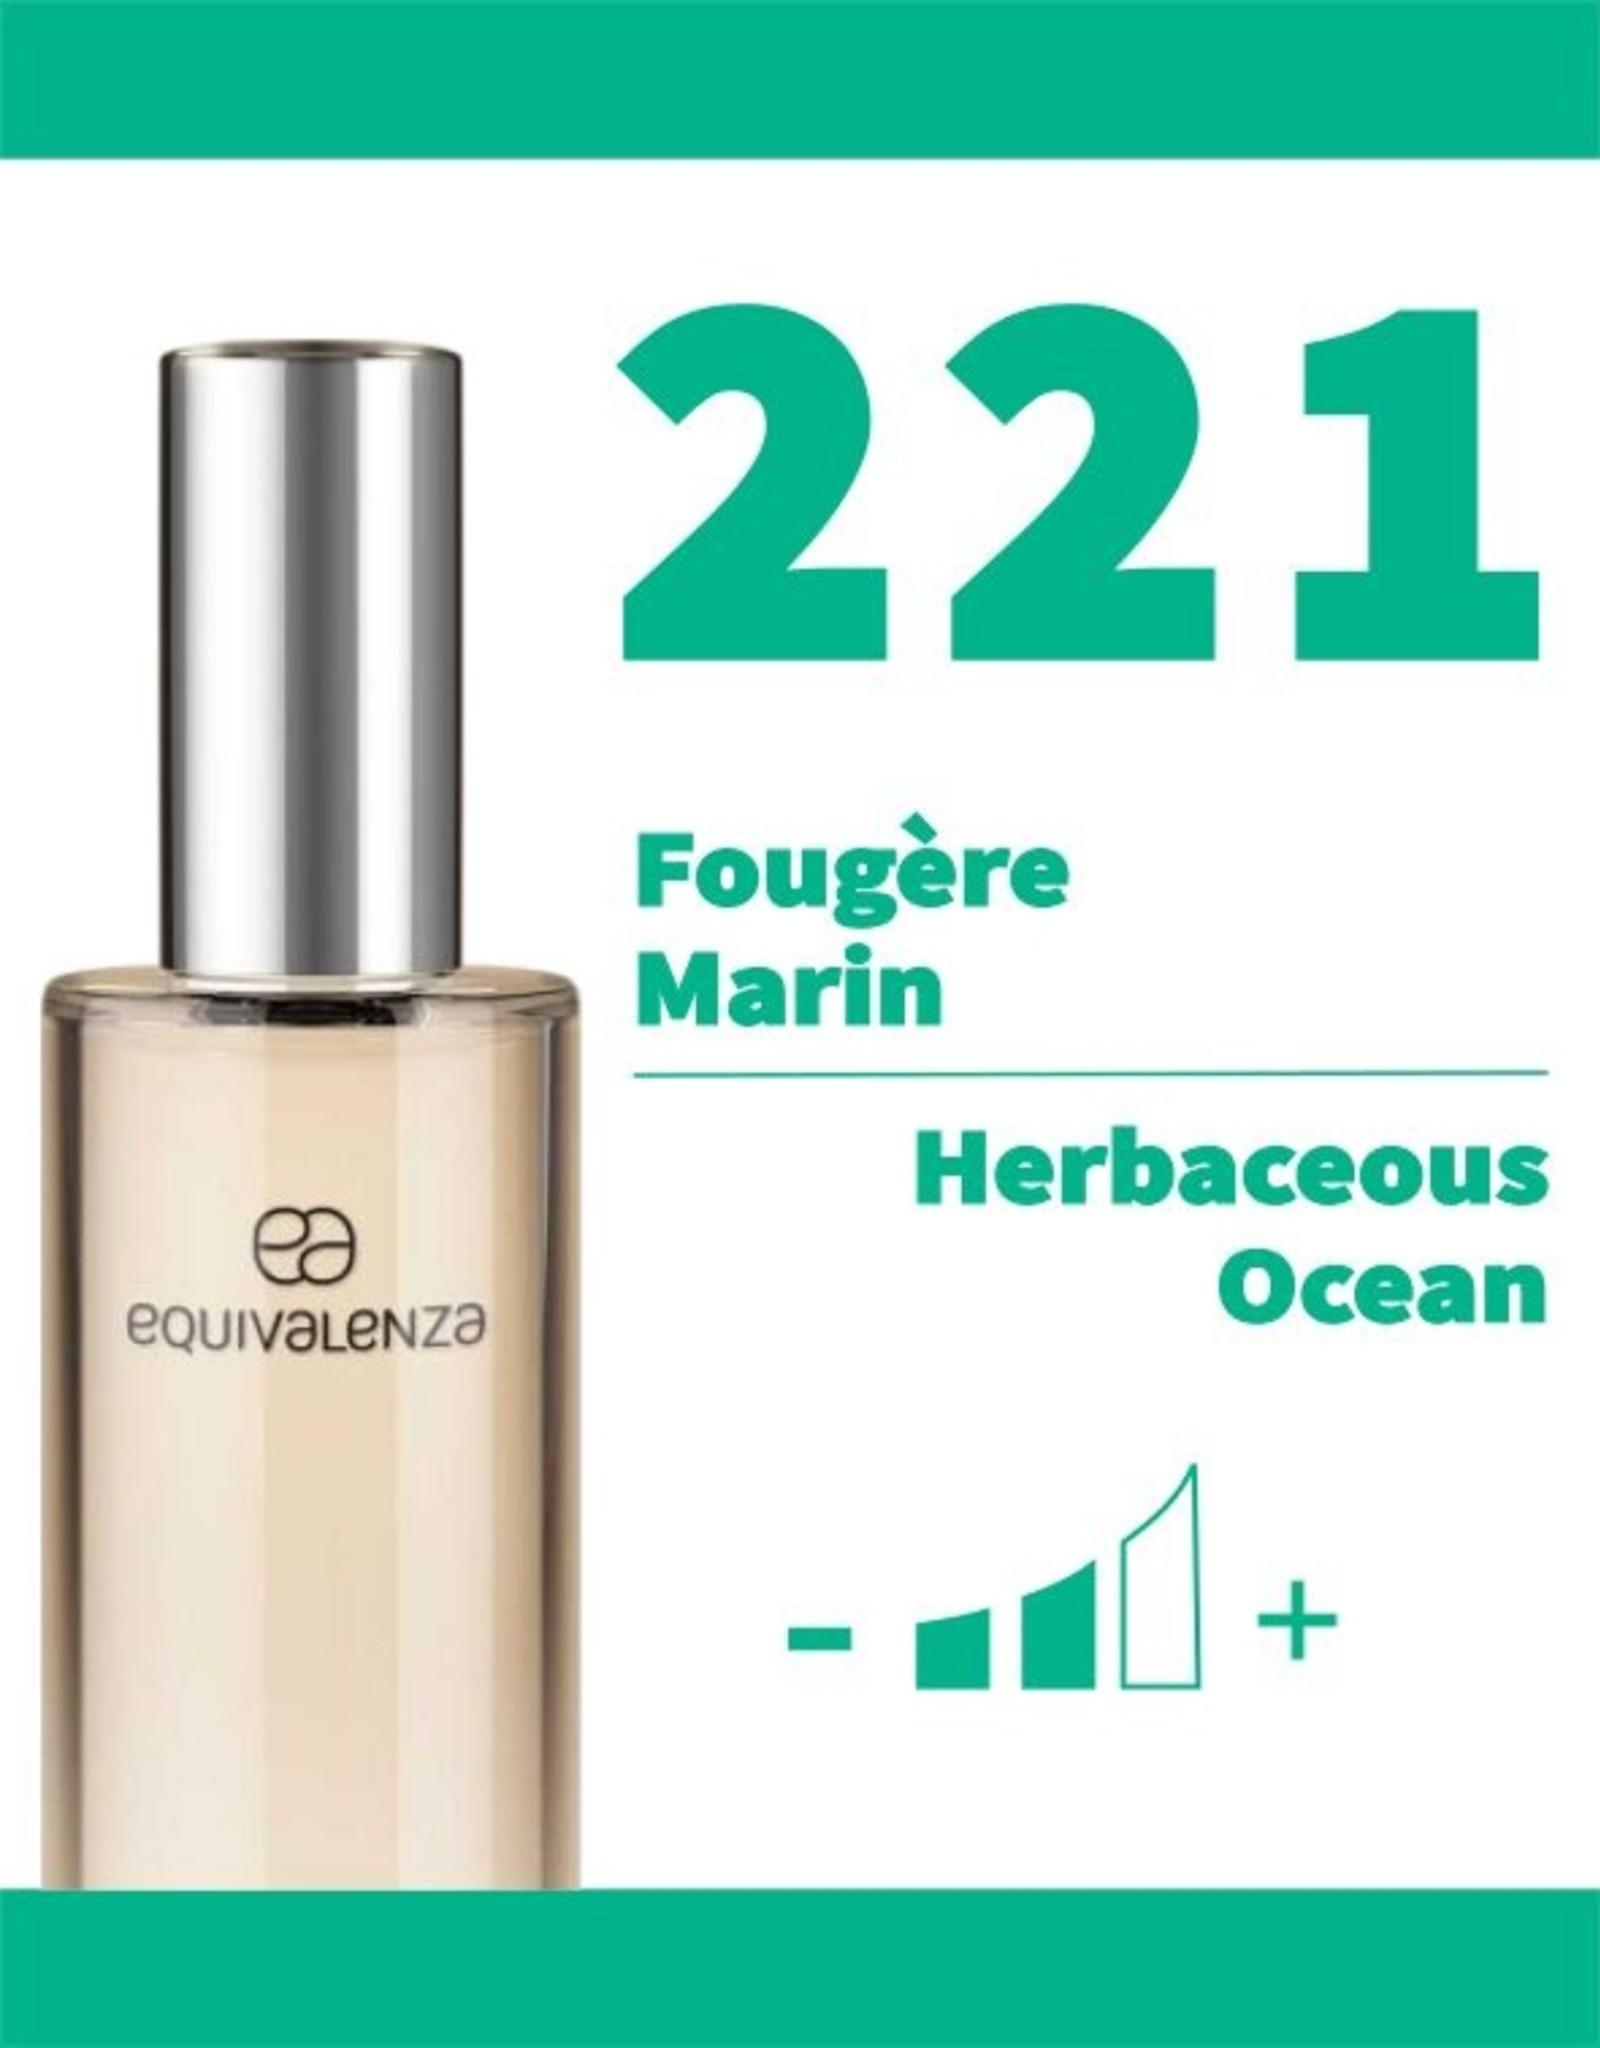 Equivalenza Eau de Toilette Fougère Marin 221